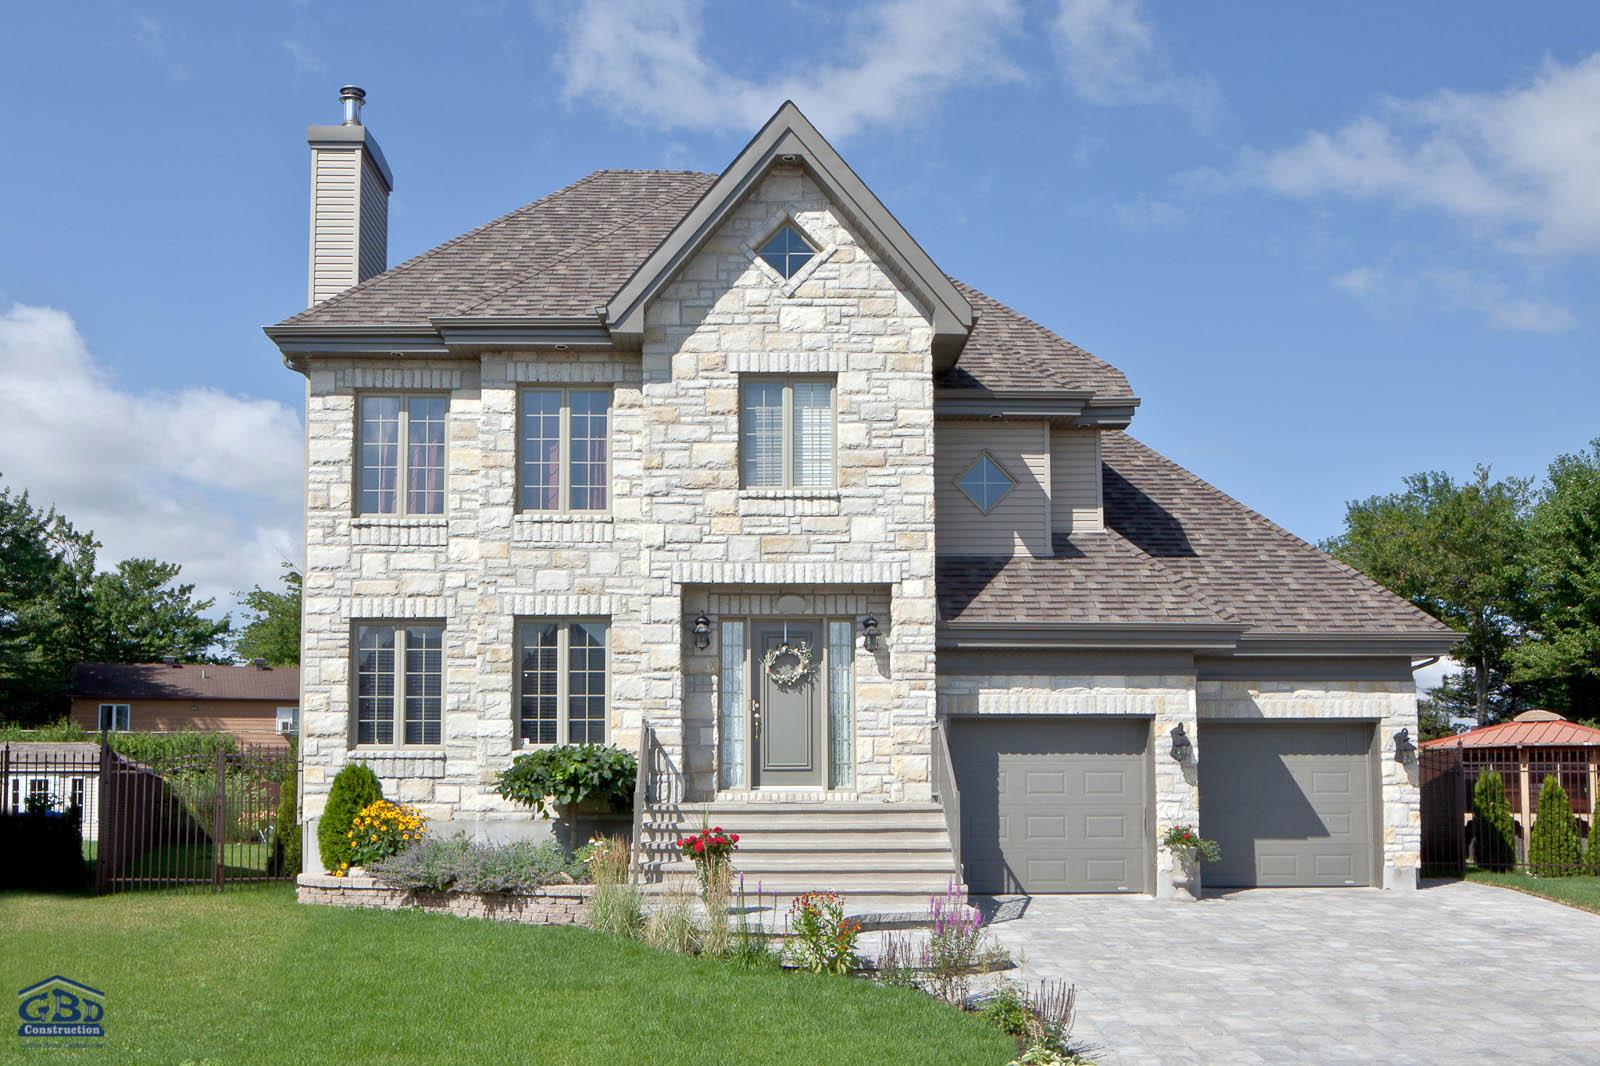 Tonnante iii maison neuve deux tages de type cottage gbd construction - Maison a etage ...